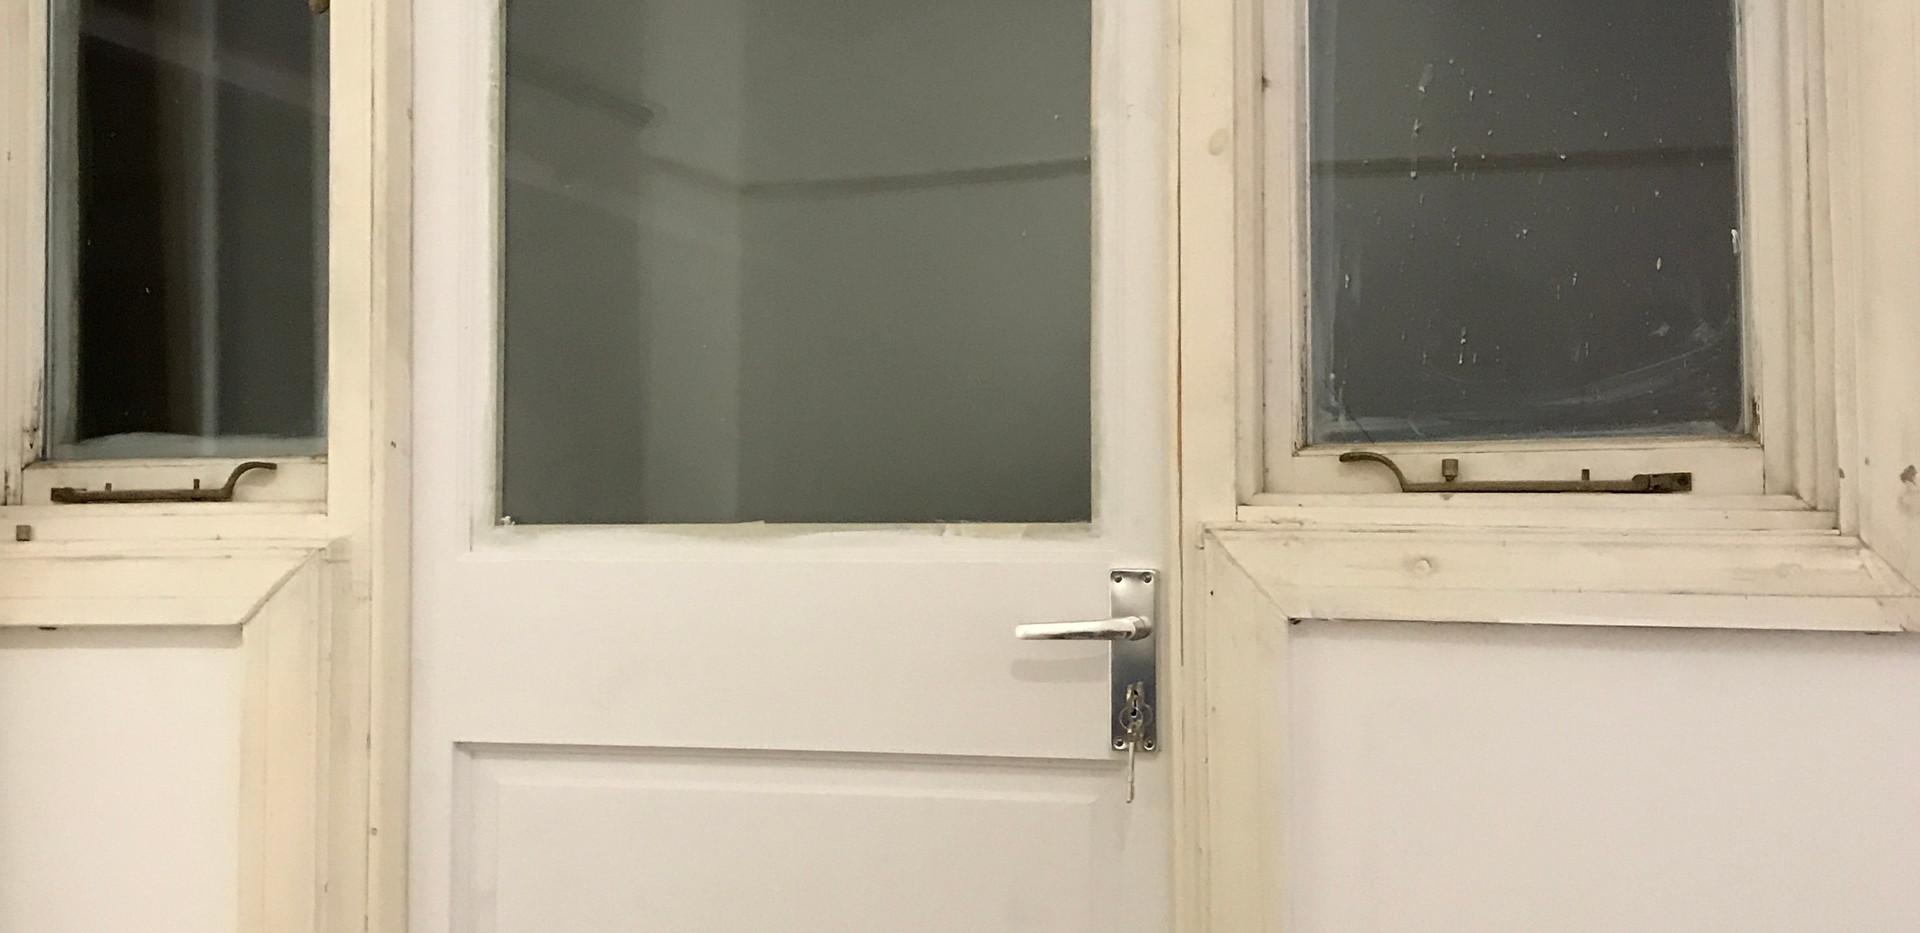 Replacement door - wonky frame!